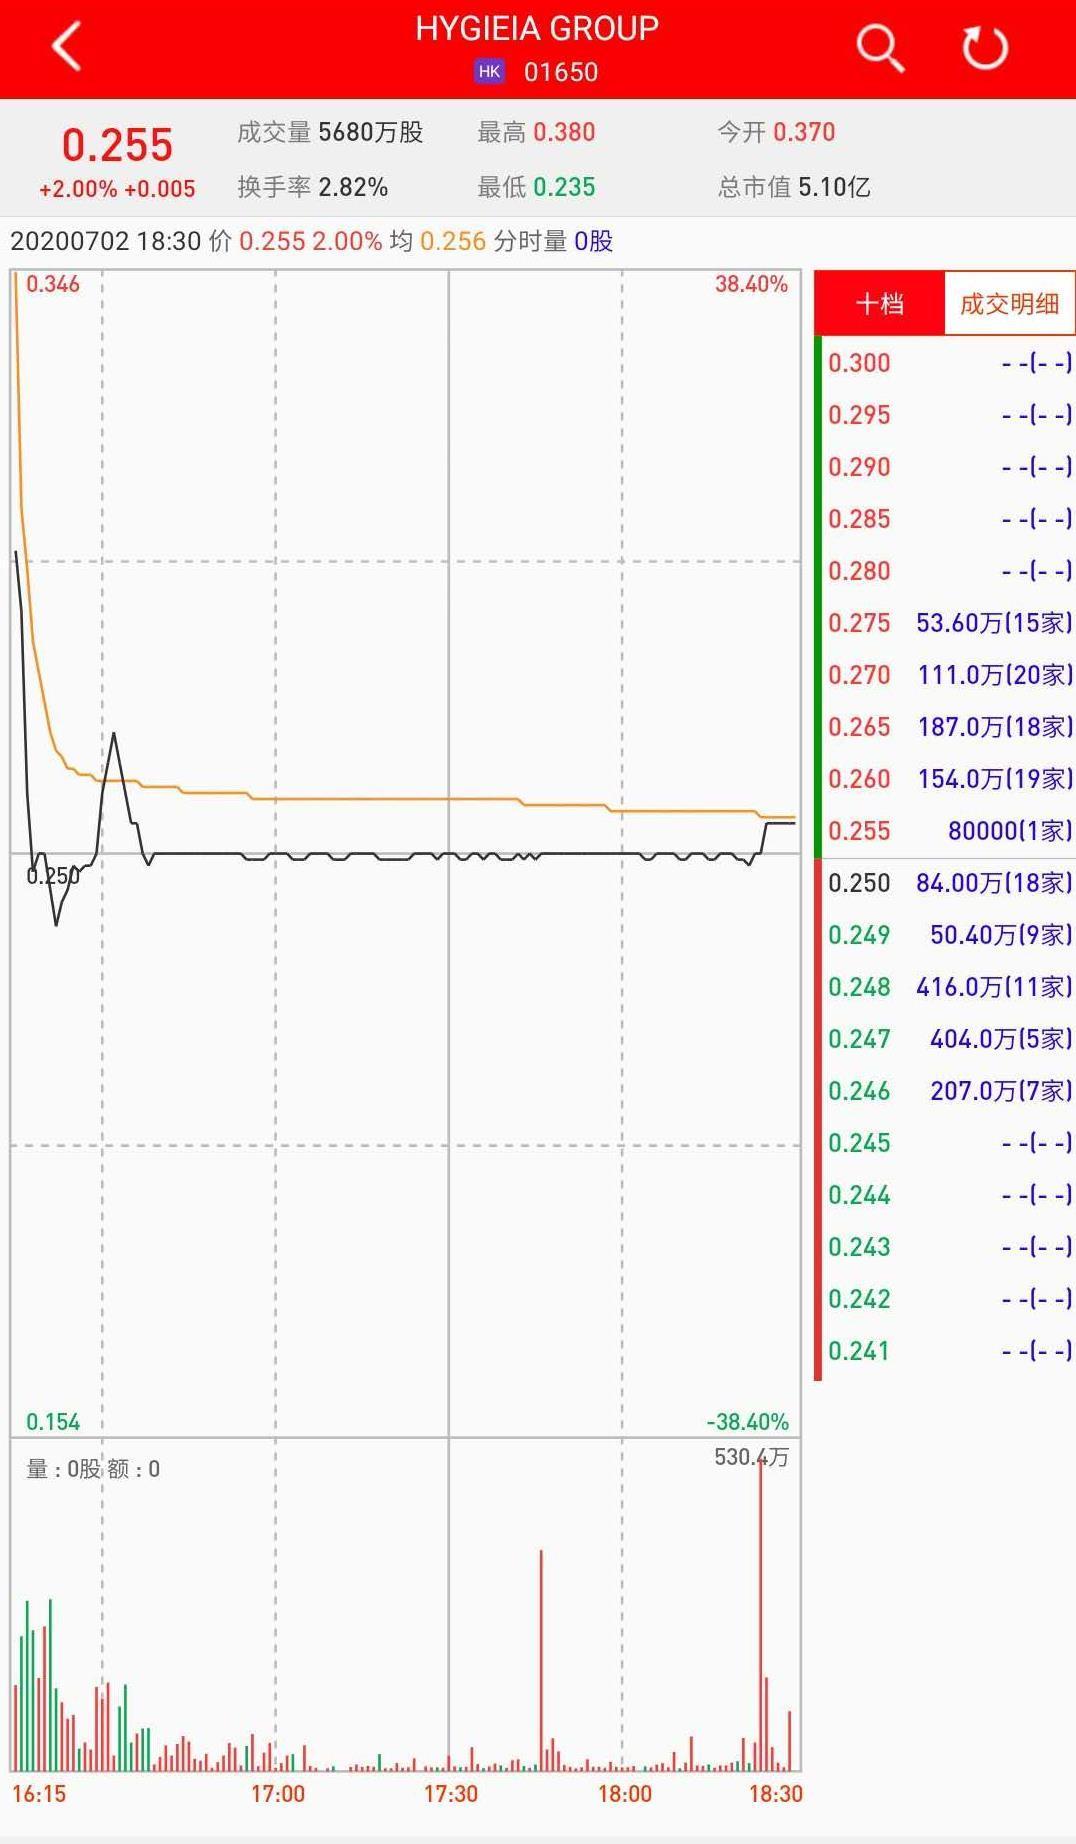 新股暗盤 | HYGIEIA GROUP(01650)暗盤收漲2% 每手賺40港元|證券_新浪財經_新浪網